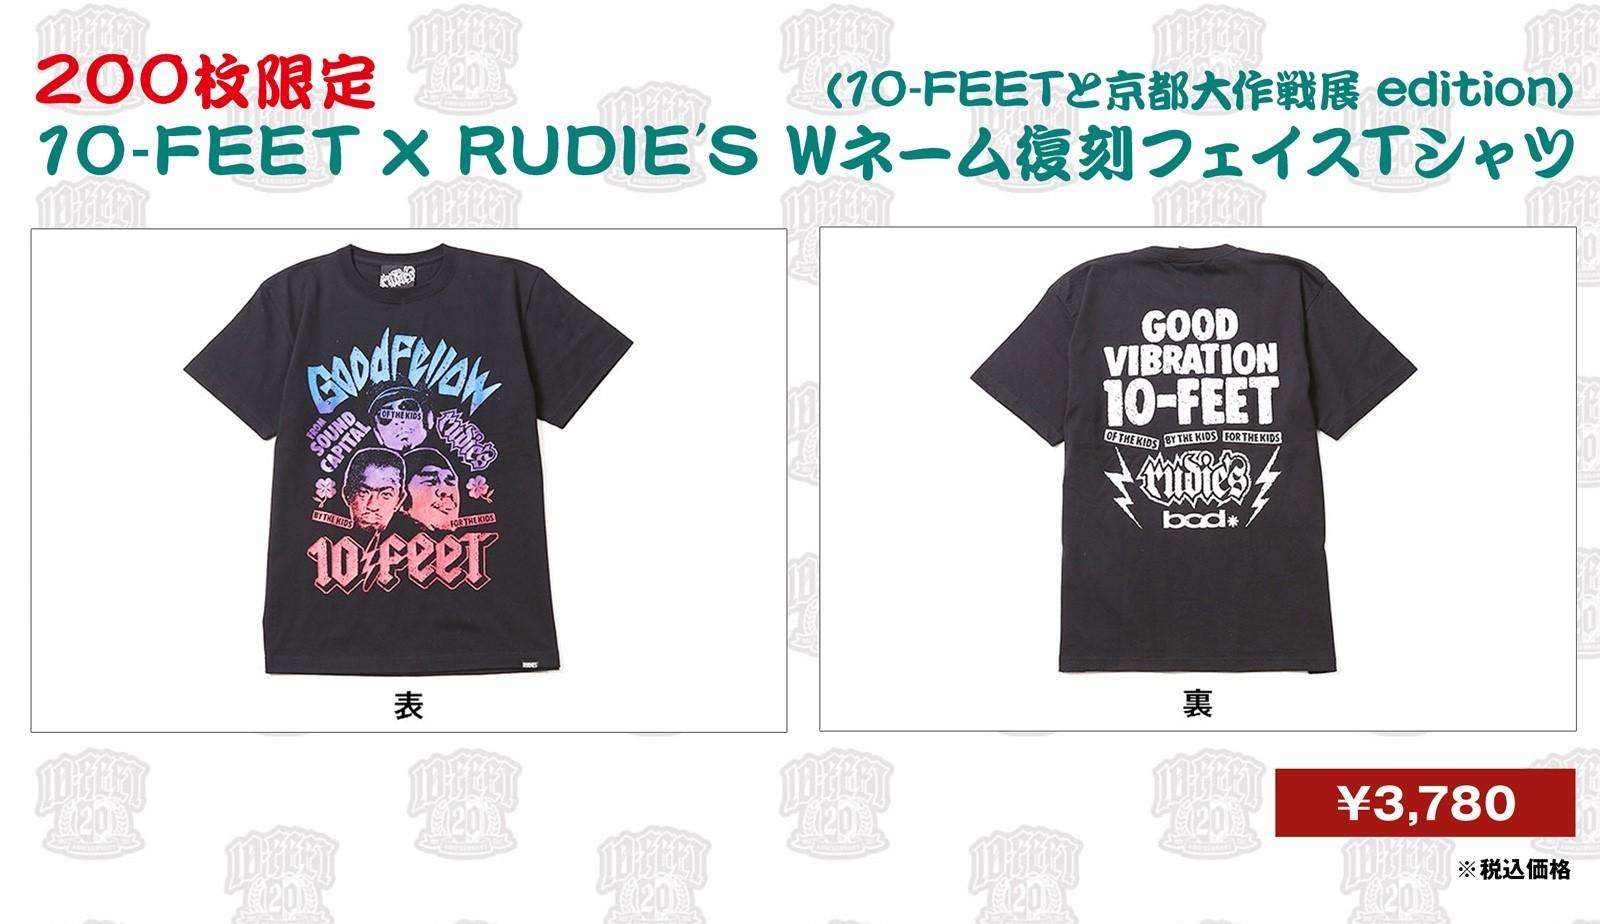 10-FEET × RUDIE'S Wネーム復刻フェイスTシャツ